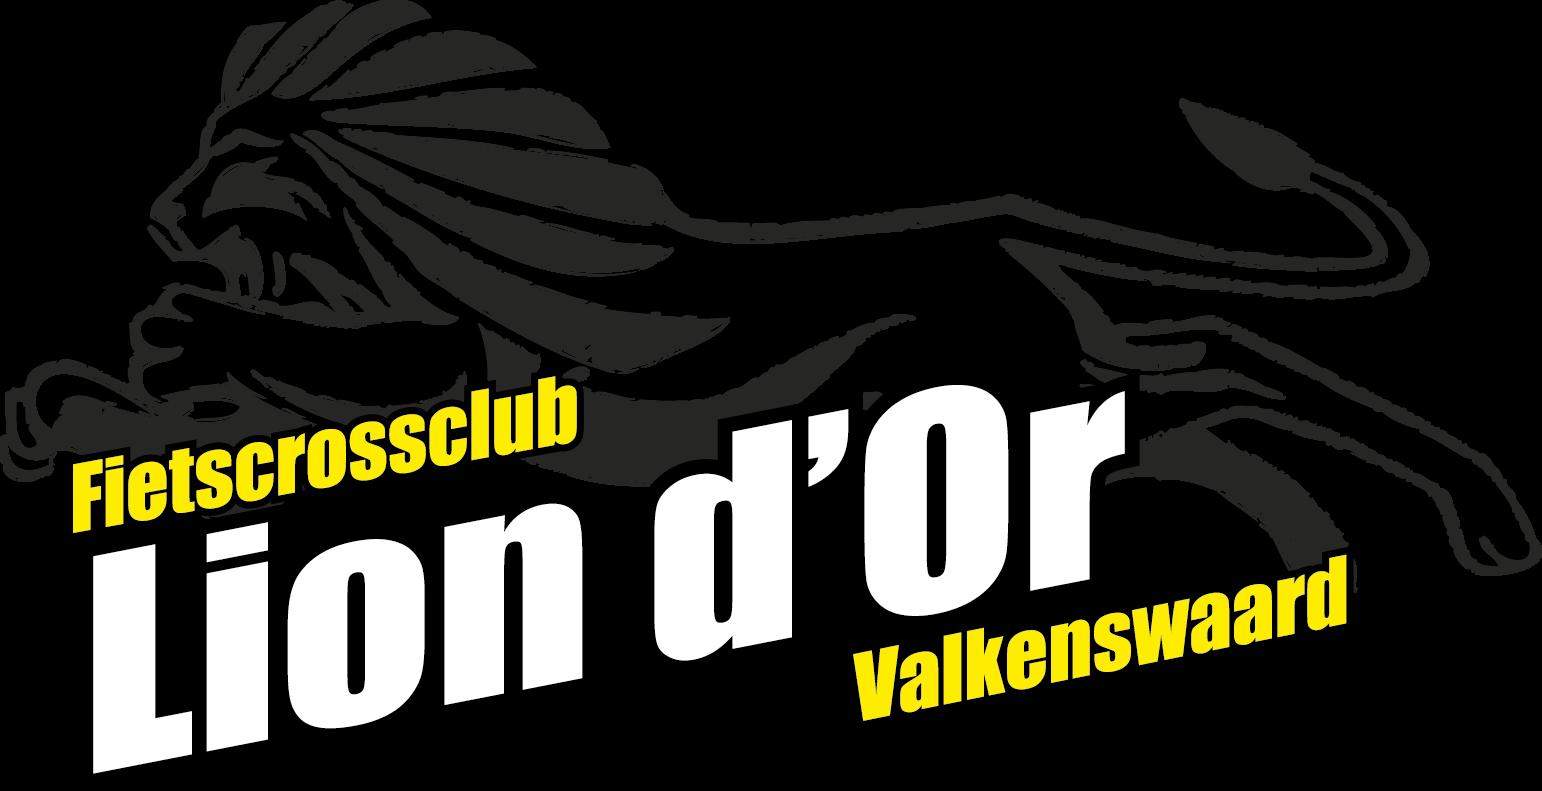 Fietscrossclub Valkenswaard Lion D'or